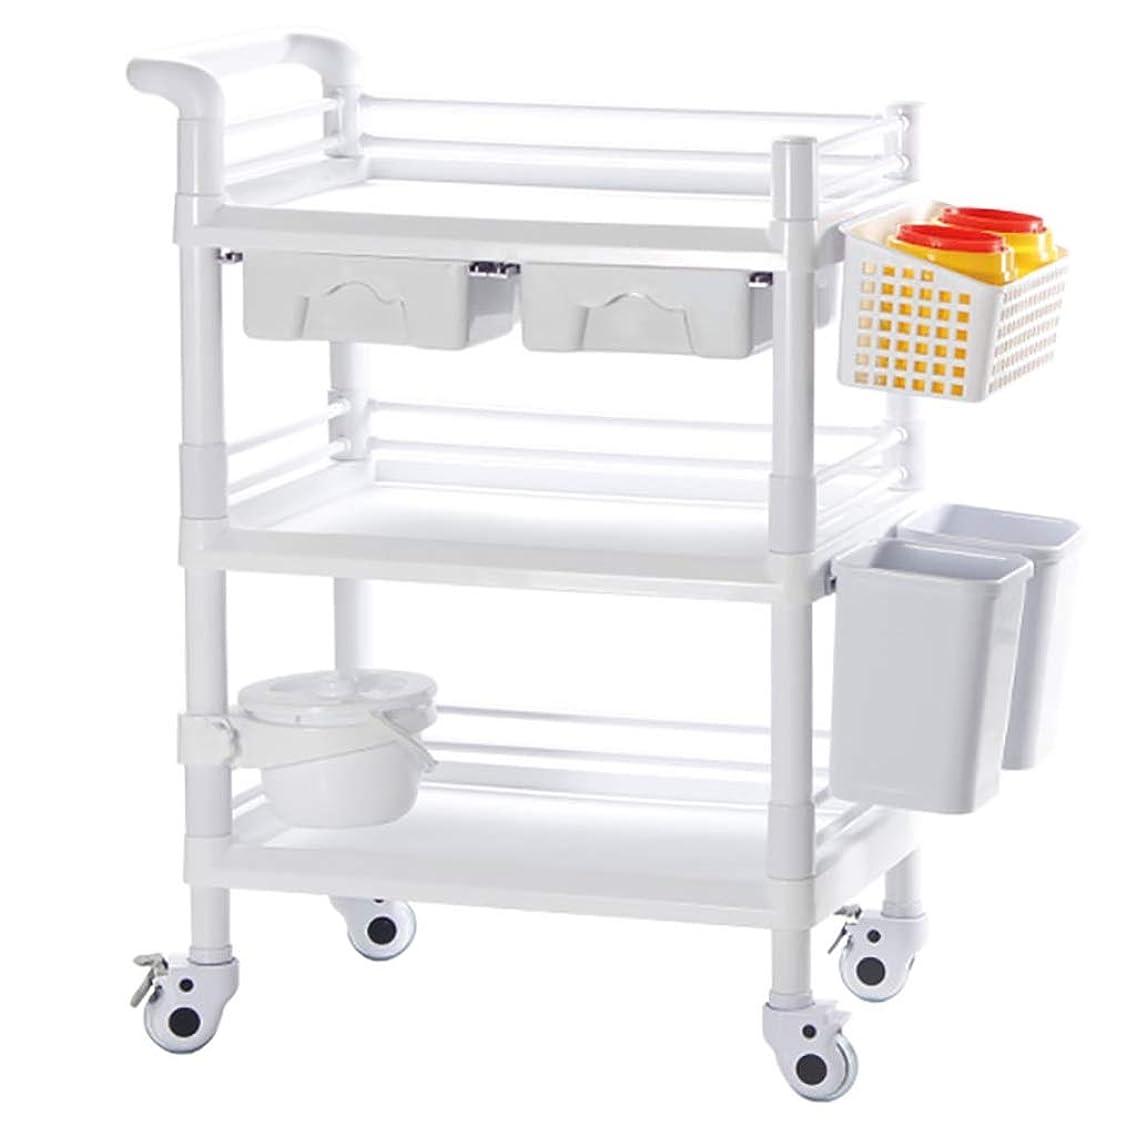 監査取り除く完全に美容院のトロリー、器械のトロリー三層用具のカートの医学のトロリー棚、65 * 45 * 98cm